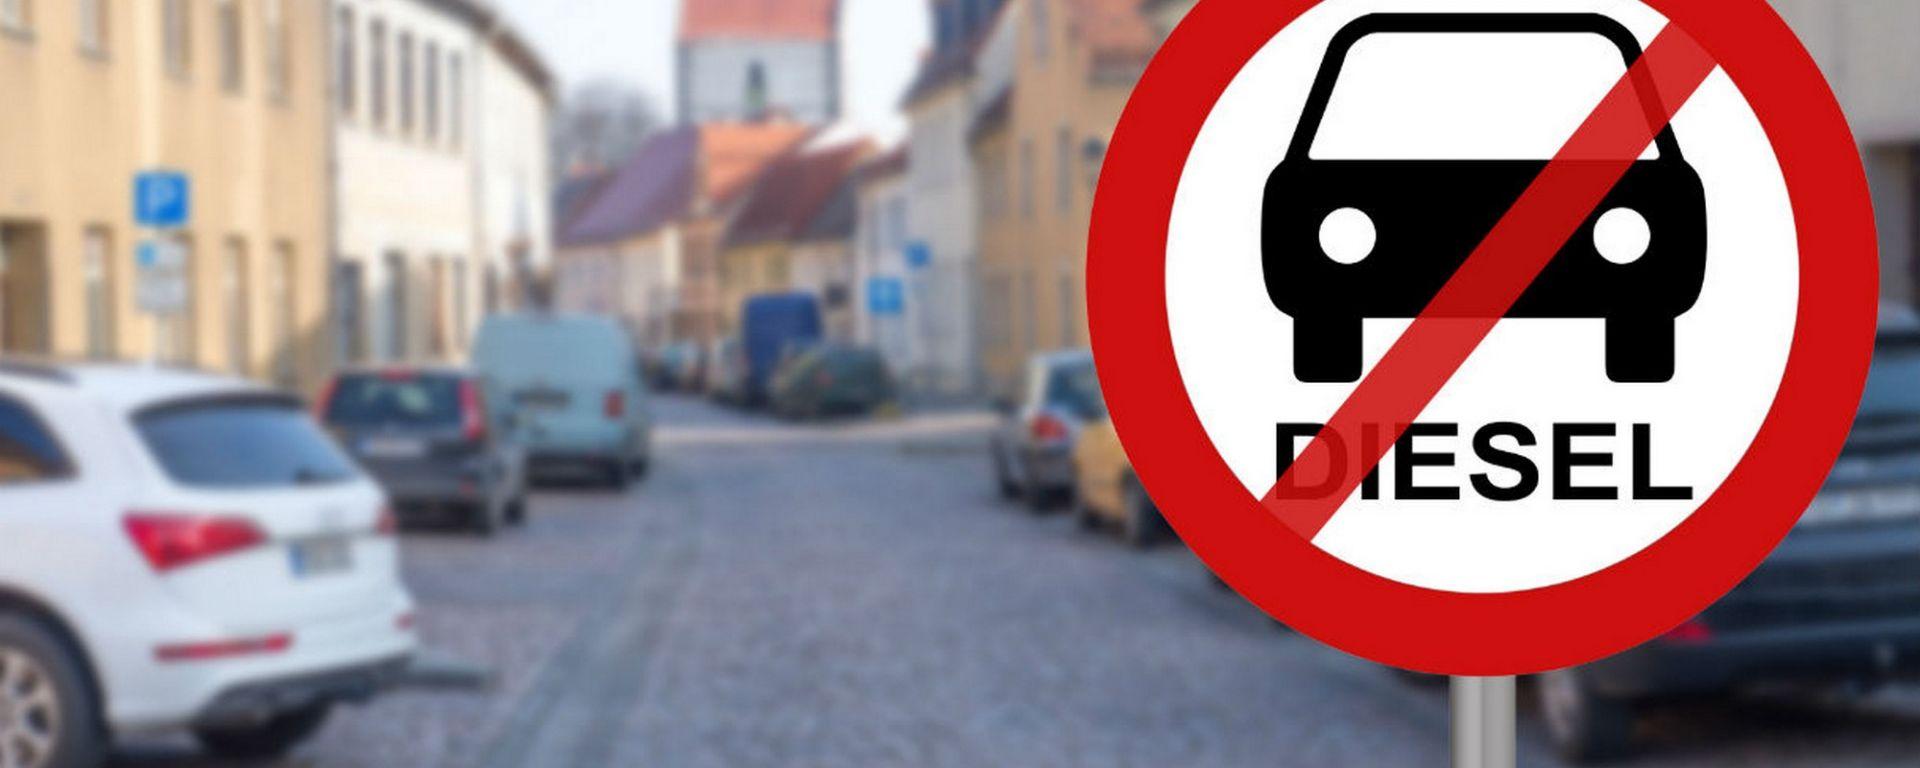 Blocco auto diesel, l'Aci invoca incentivi per rinnovo parco circolante